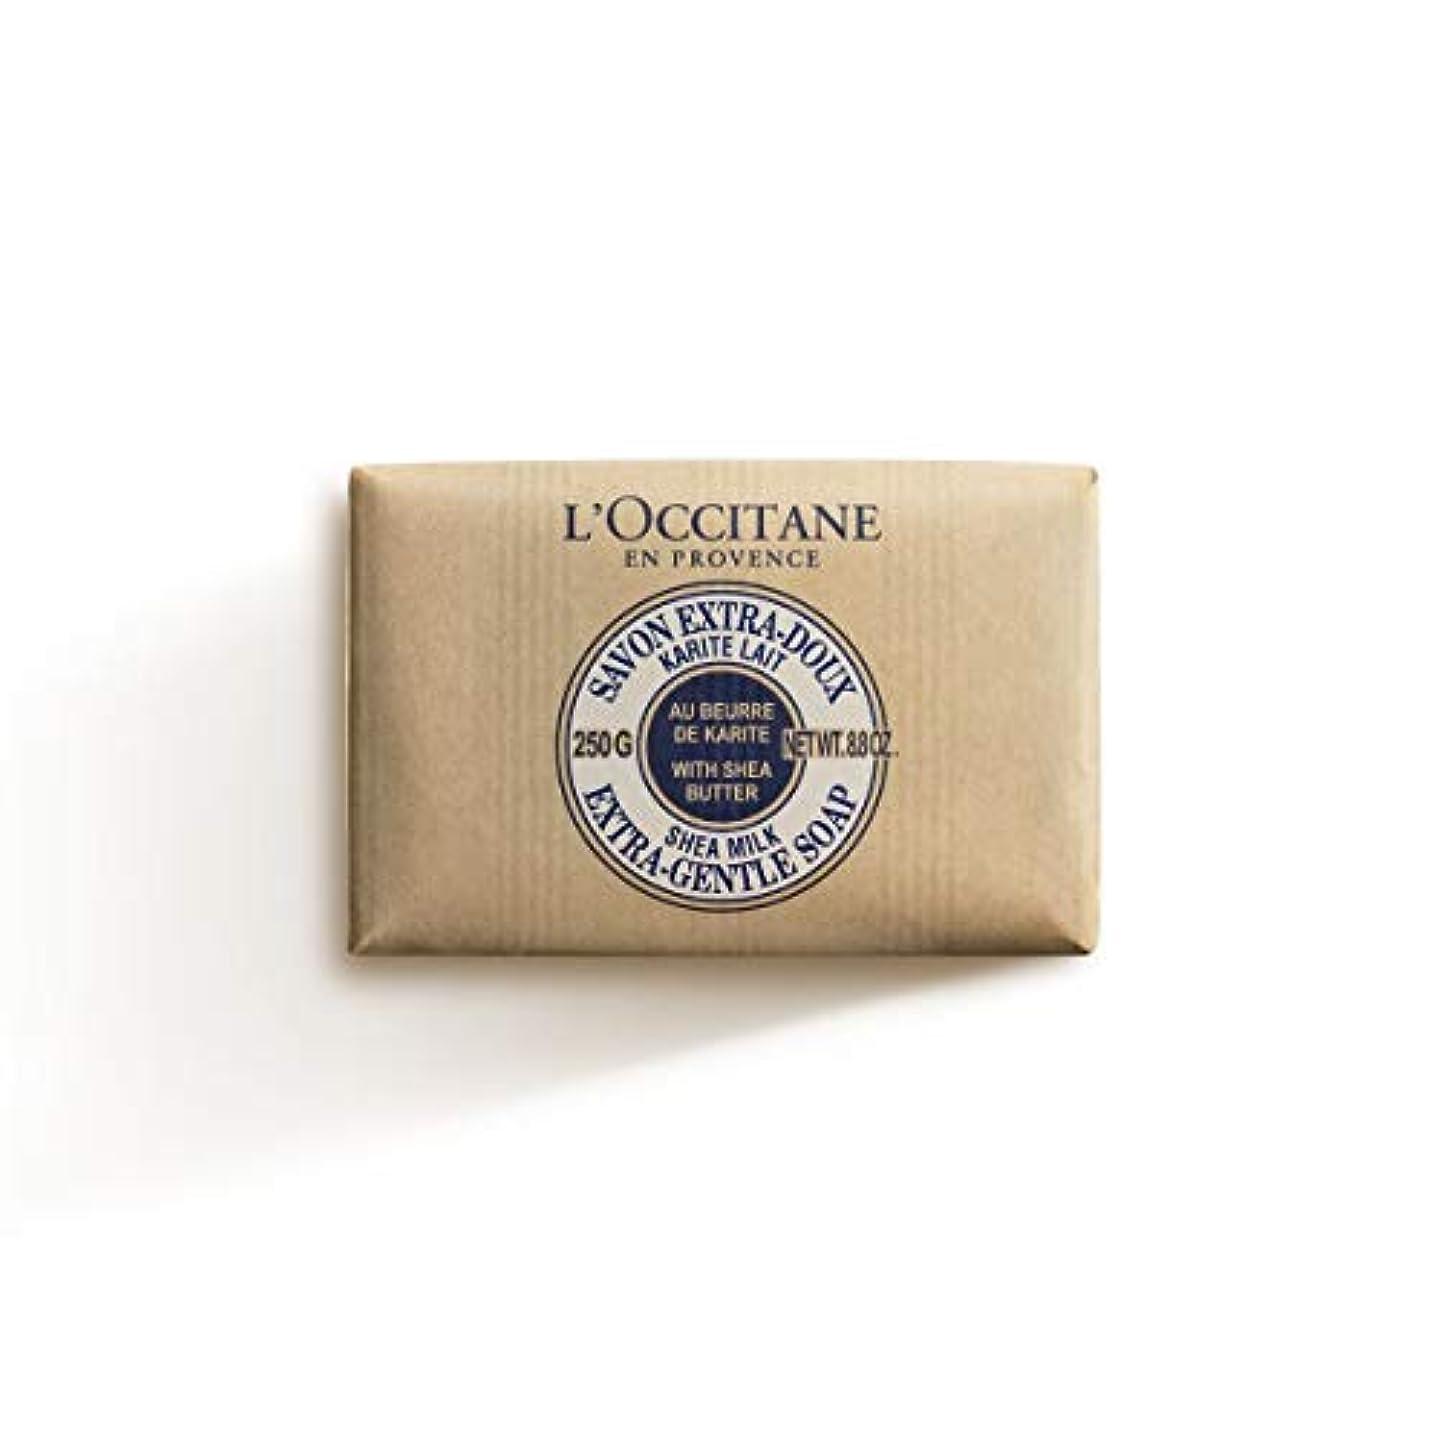 ゴールコック崇拝しますロクシタン(L'OCCITANE) シアバターソープ 250g ミルク